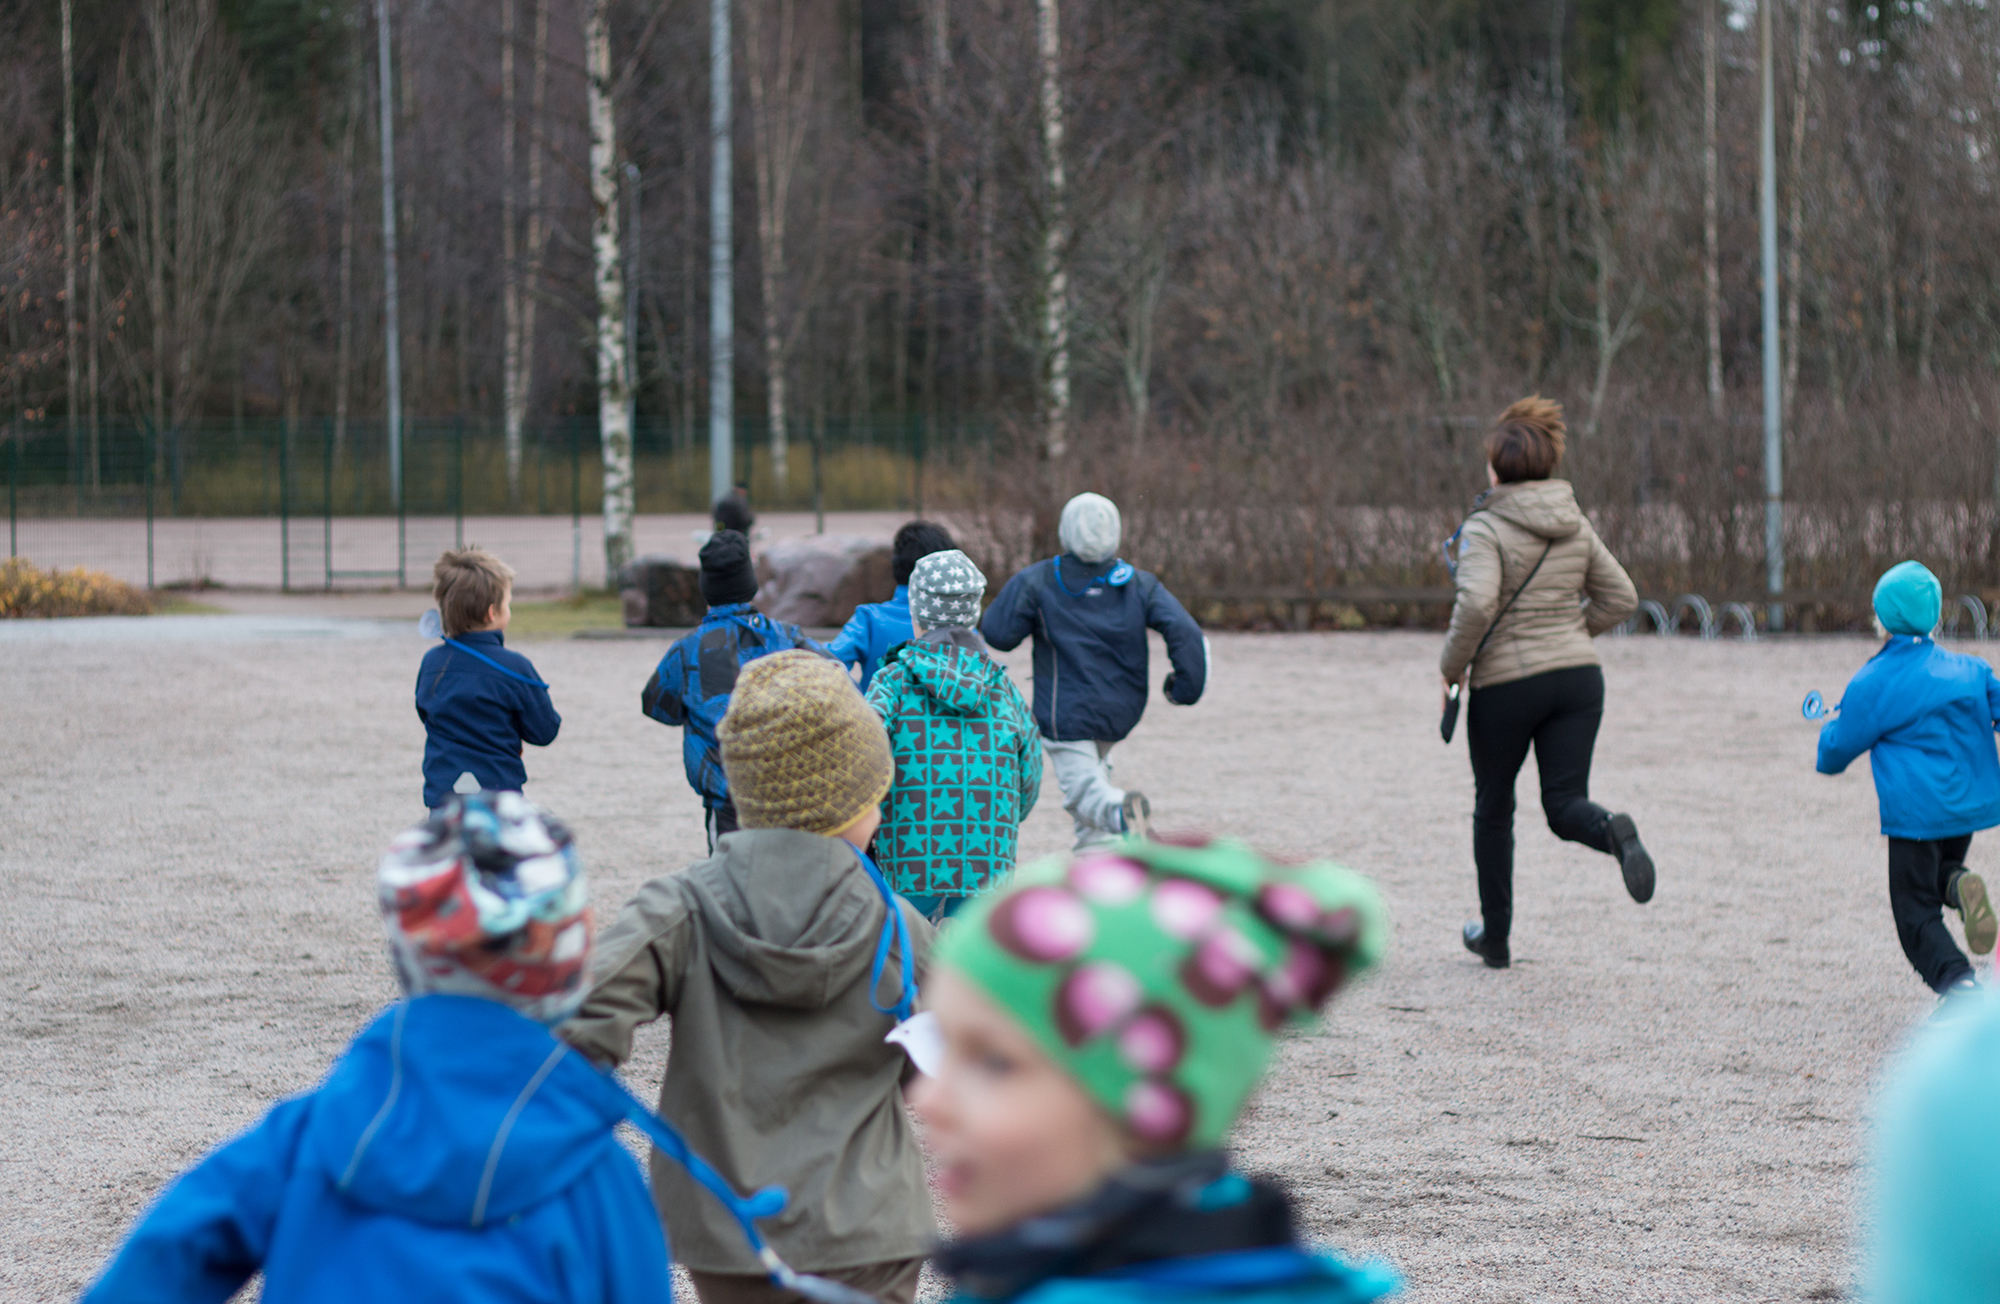 Kansalaisten hiilijalanjälki halki vuoteen 2030 – Mappa.fi mukana kehittämässä ilmastoratkaisuja